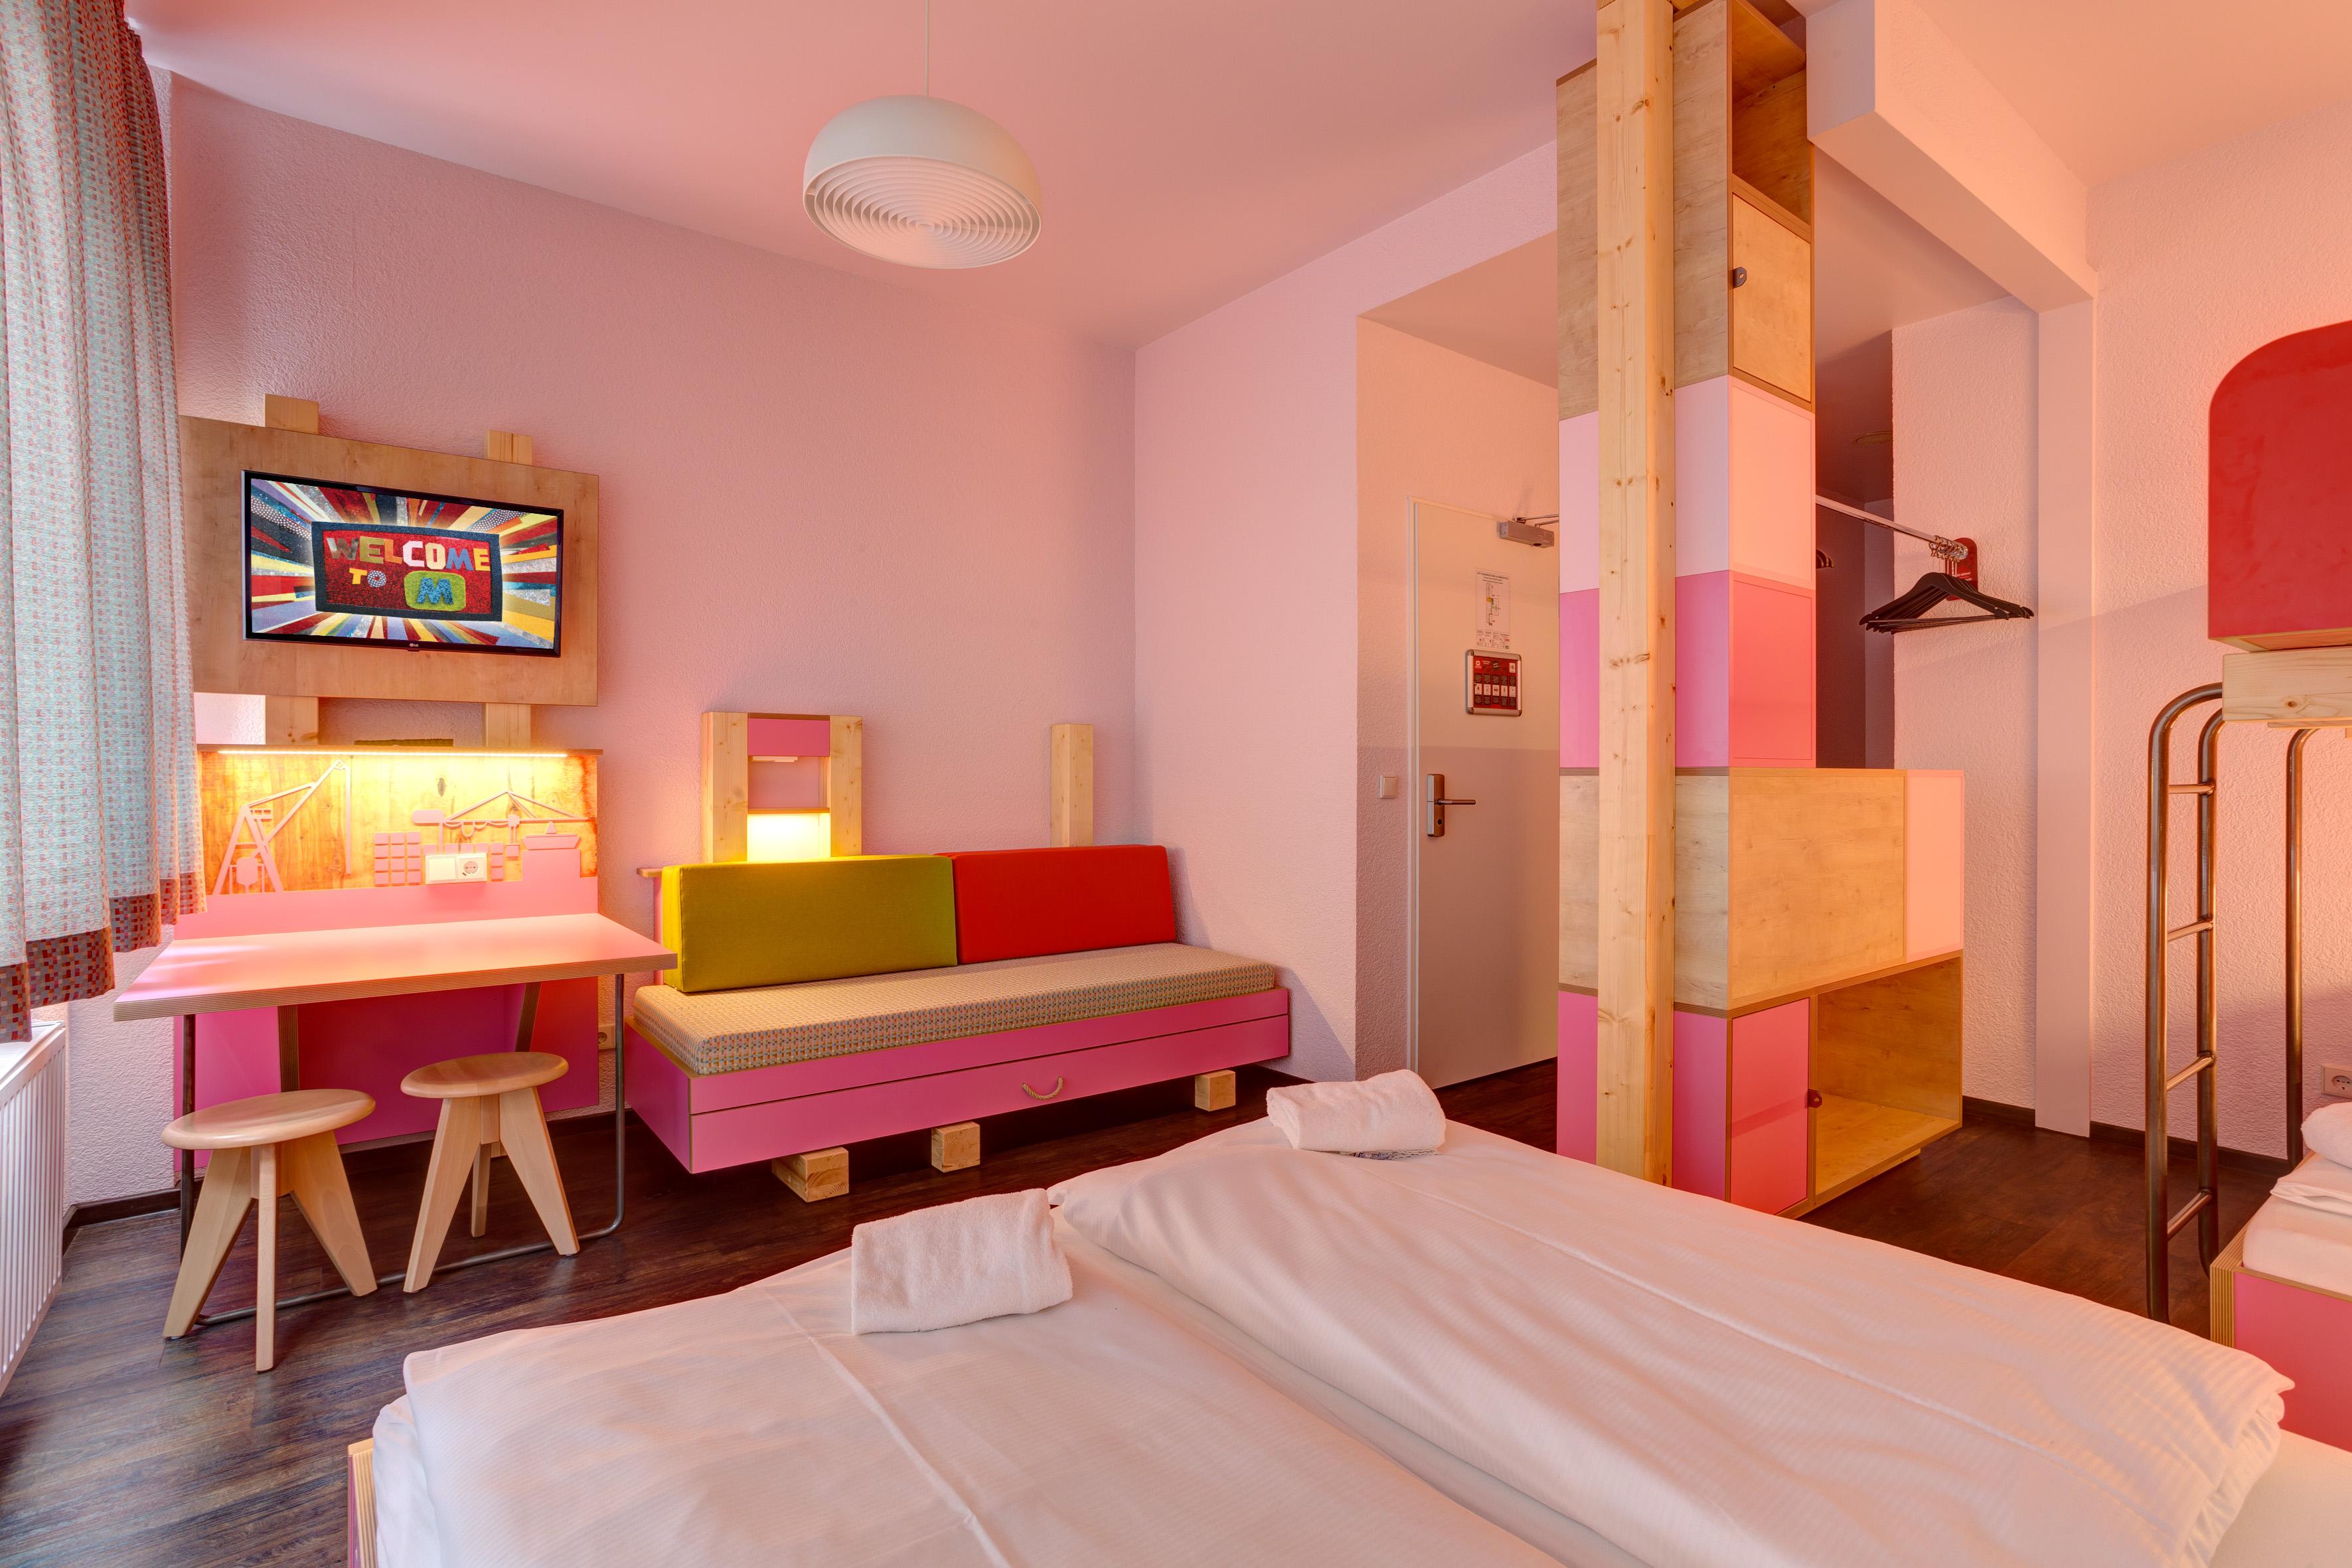 Meininger hotel hamburg city center g nstig modern zentral - Hangematte furs zimmer ...